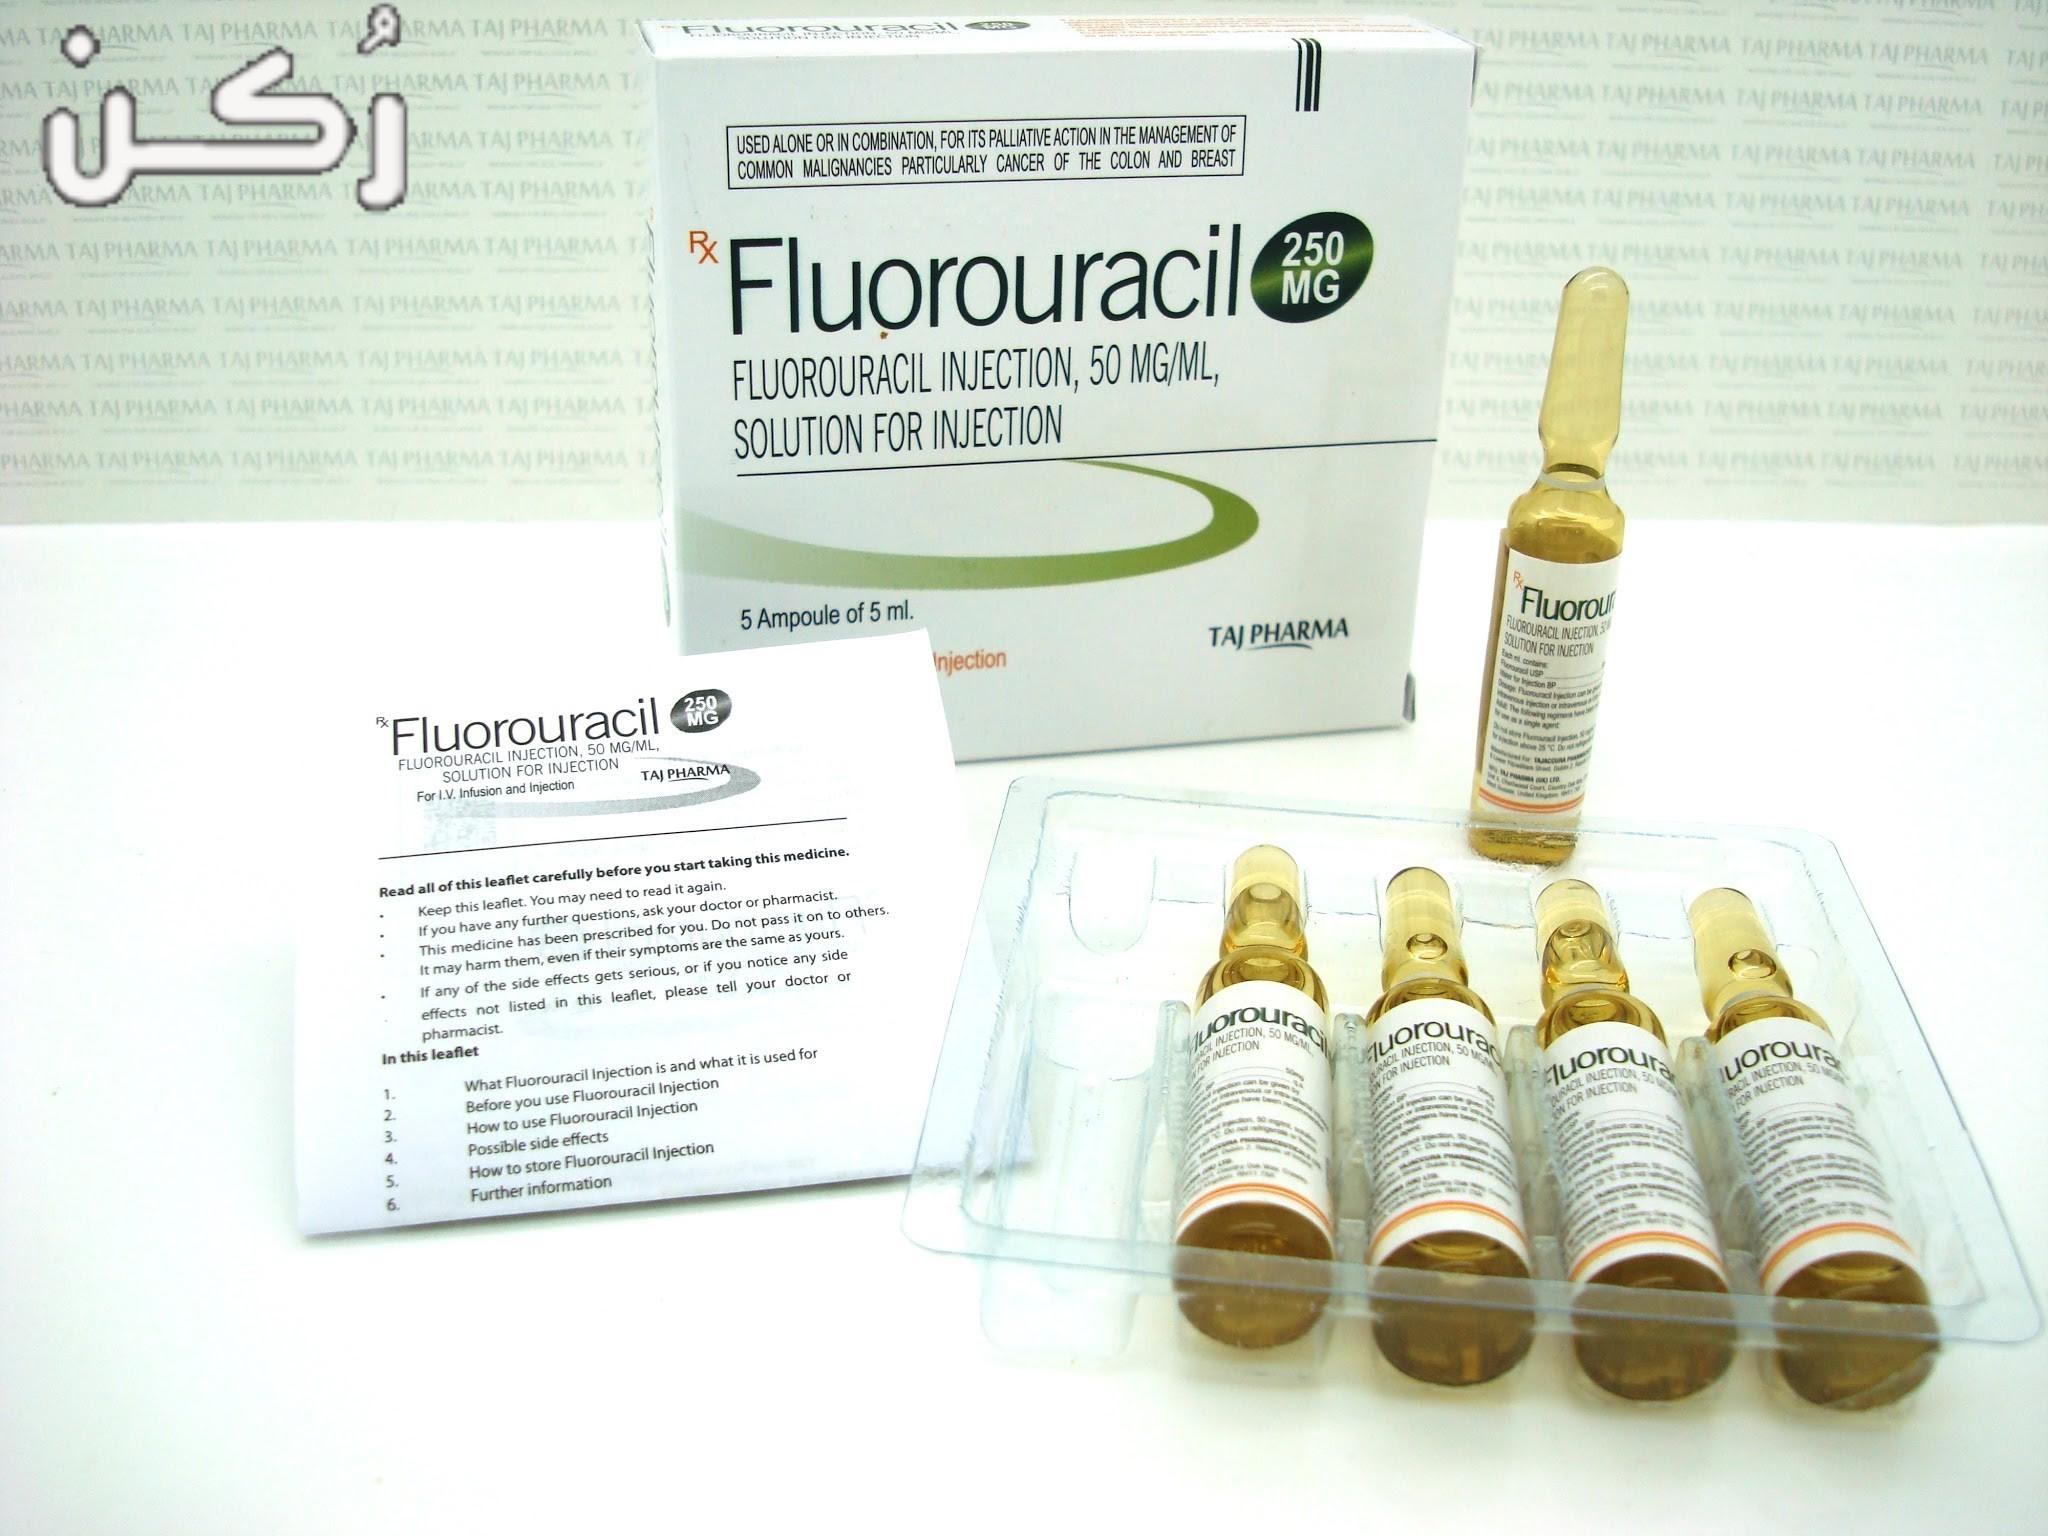 دواء فلورويوراسيل Fluorouracil لعلاج الورم السرطاني